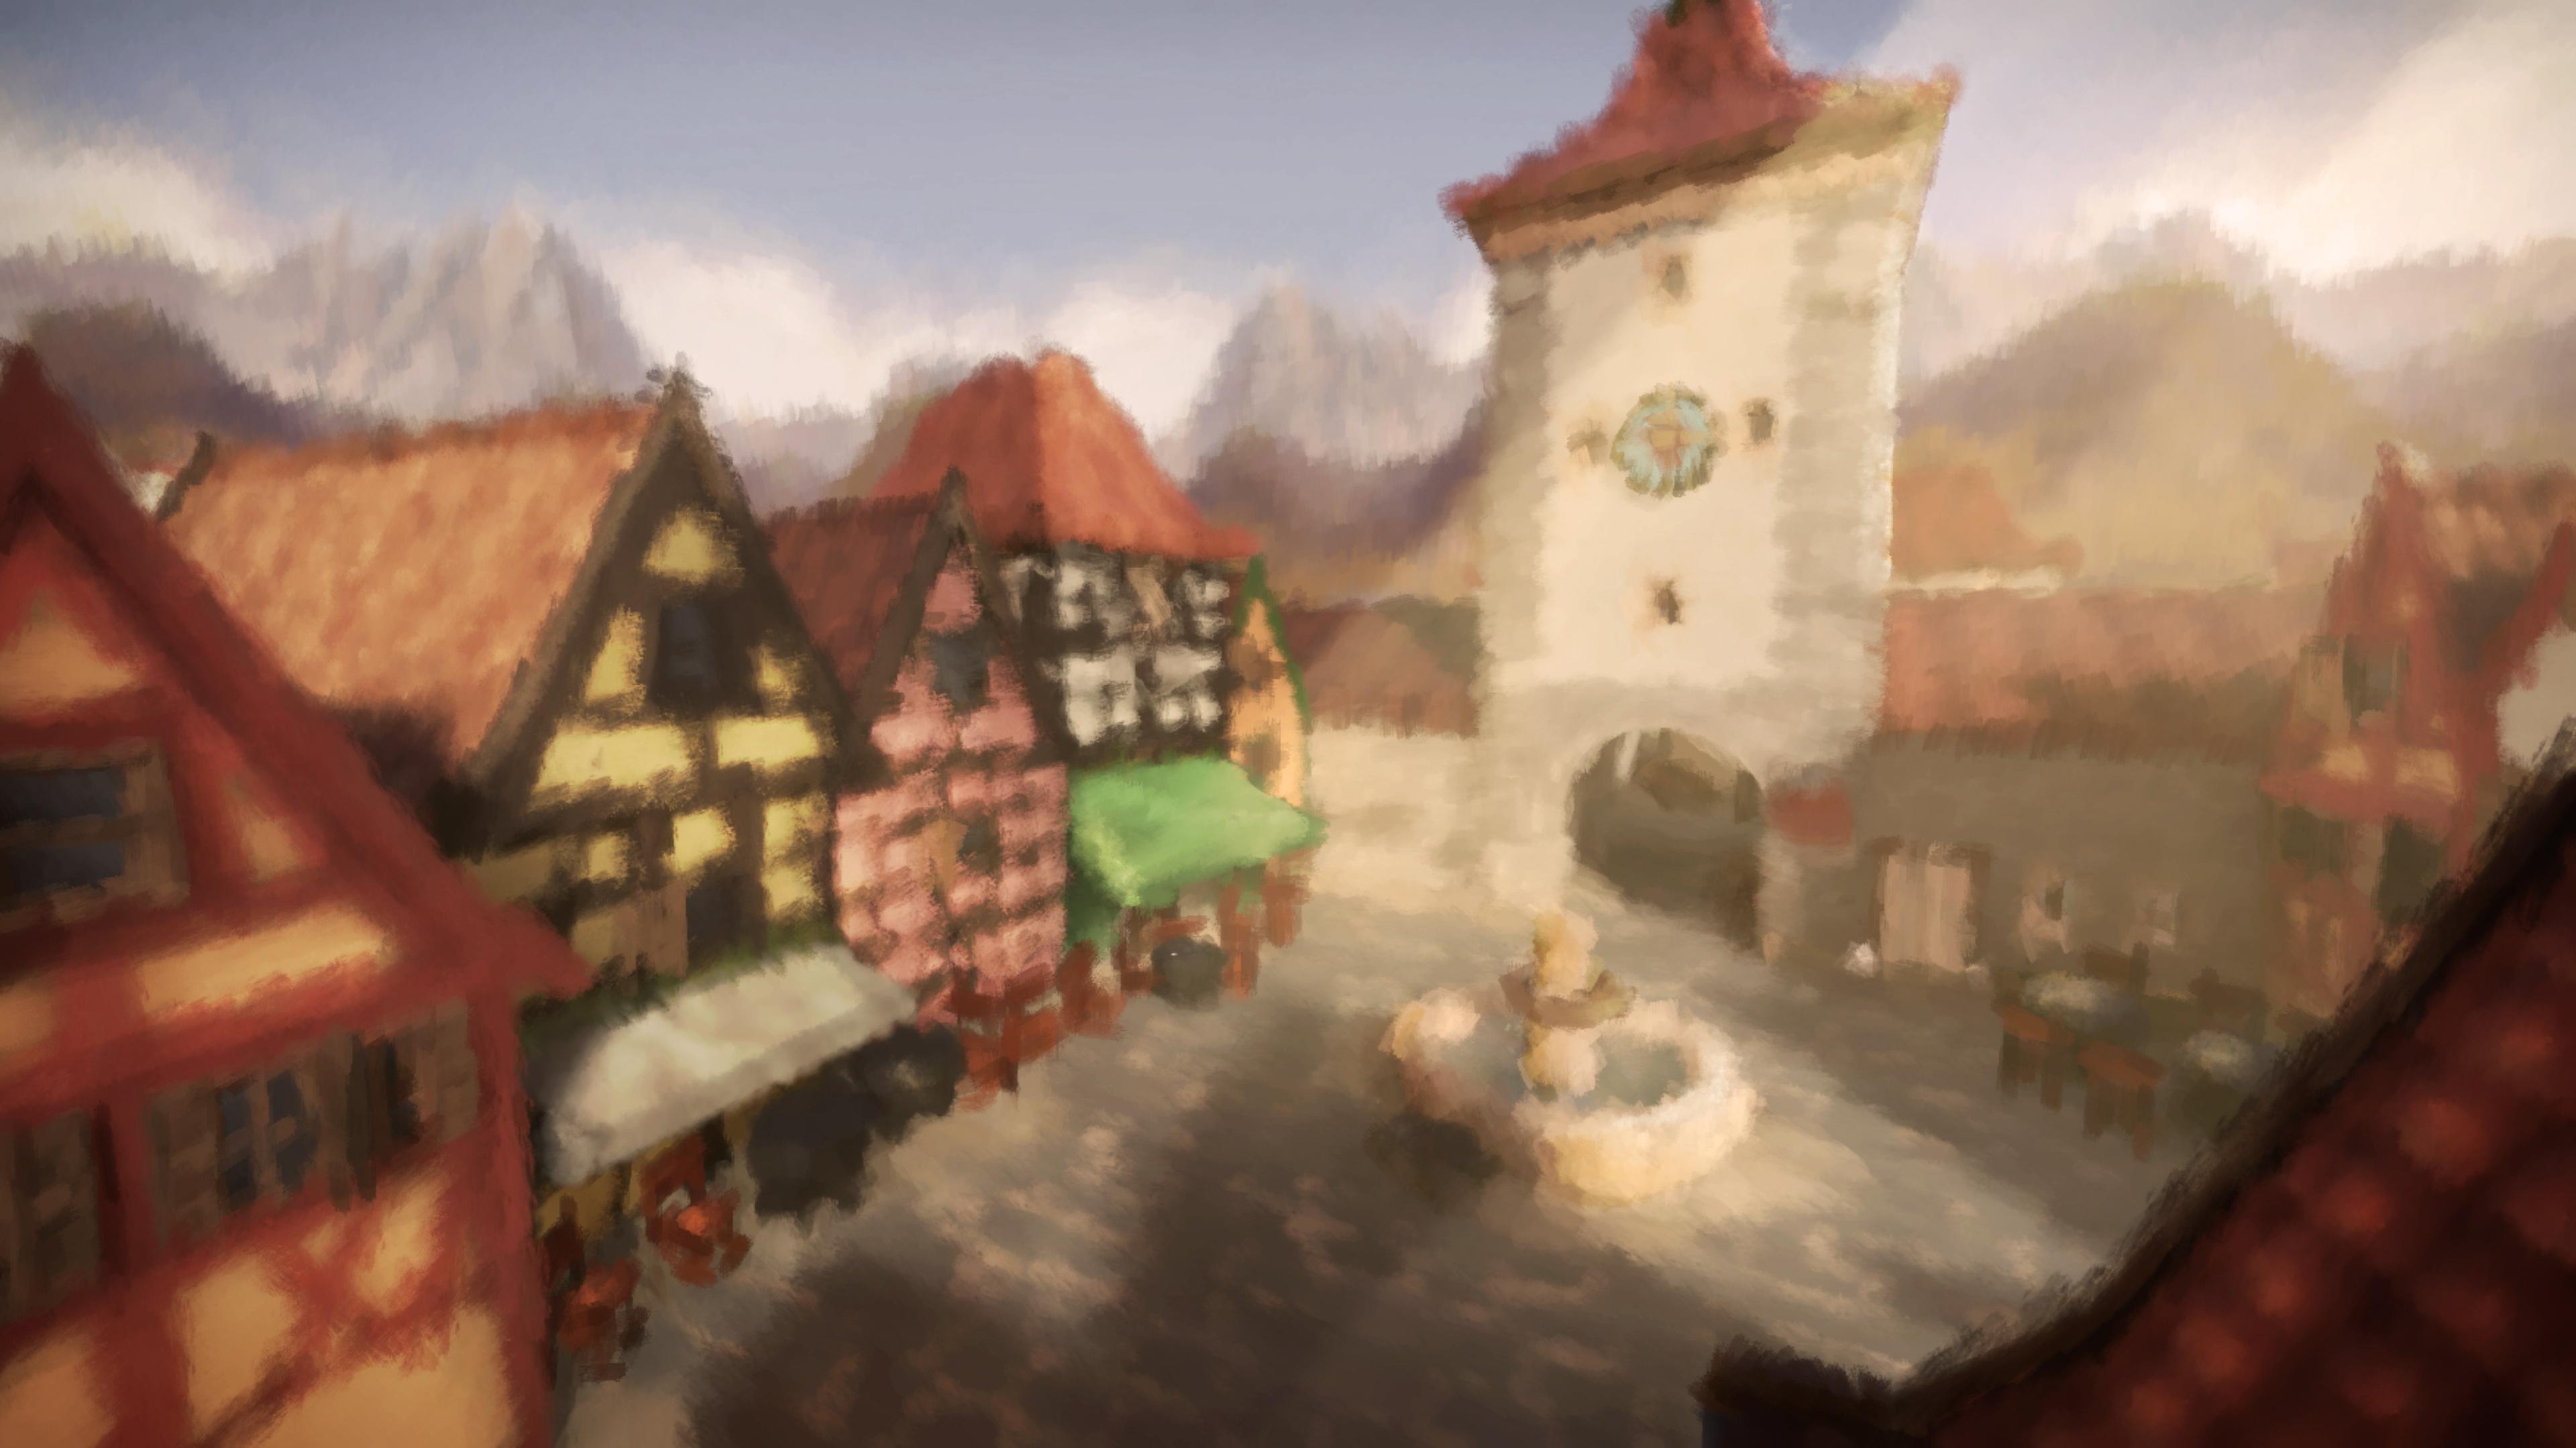 11-11: Memories Retold - 11-11: Memories Retold 4K